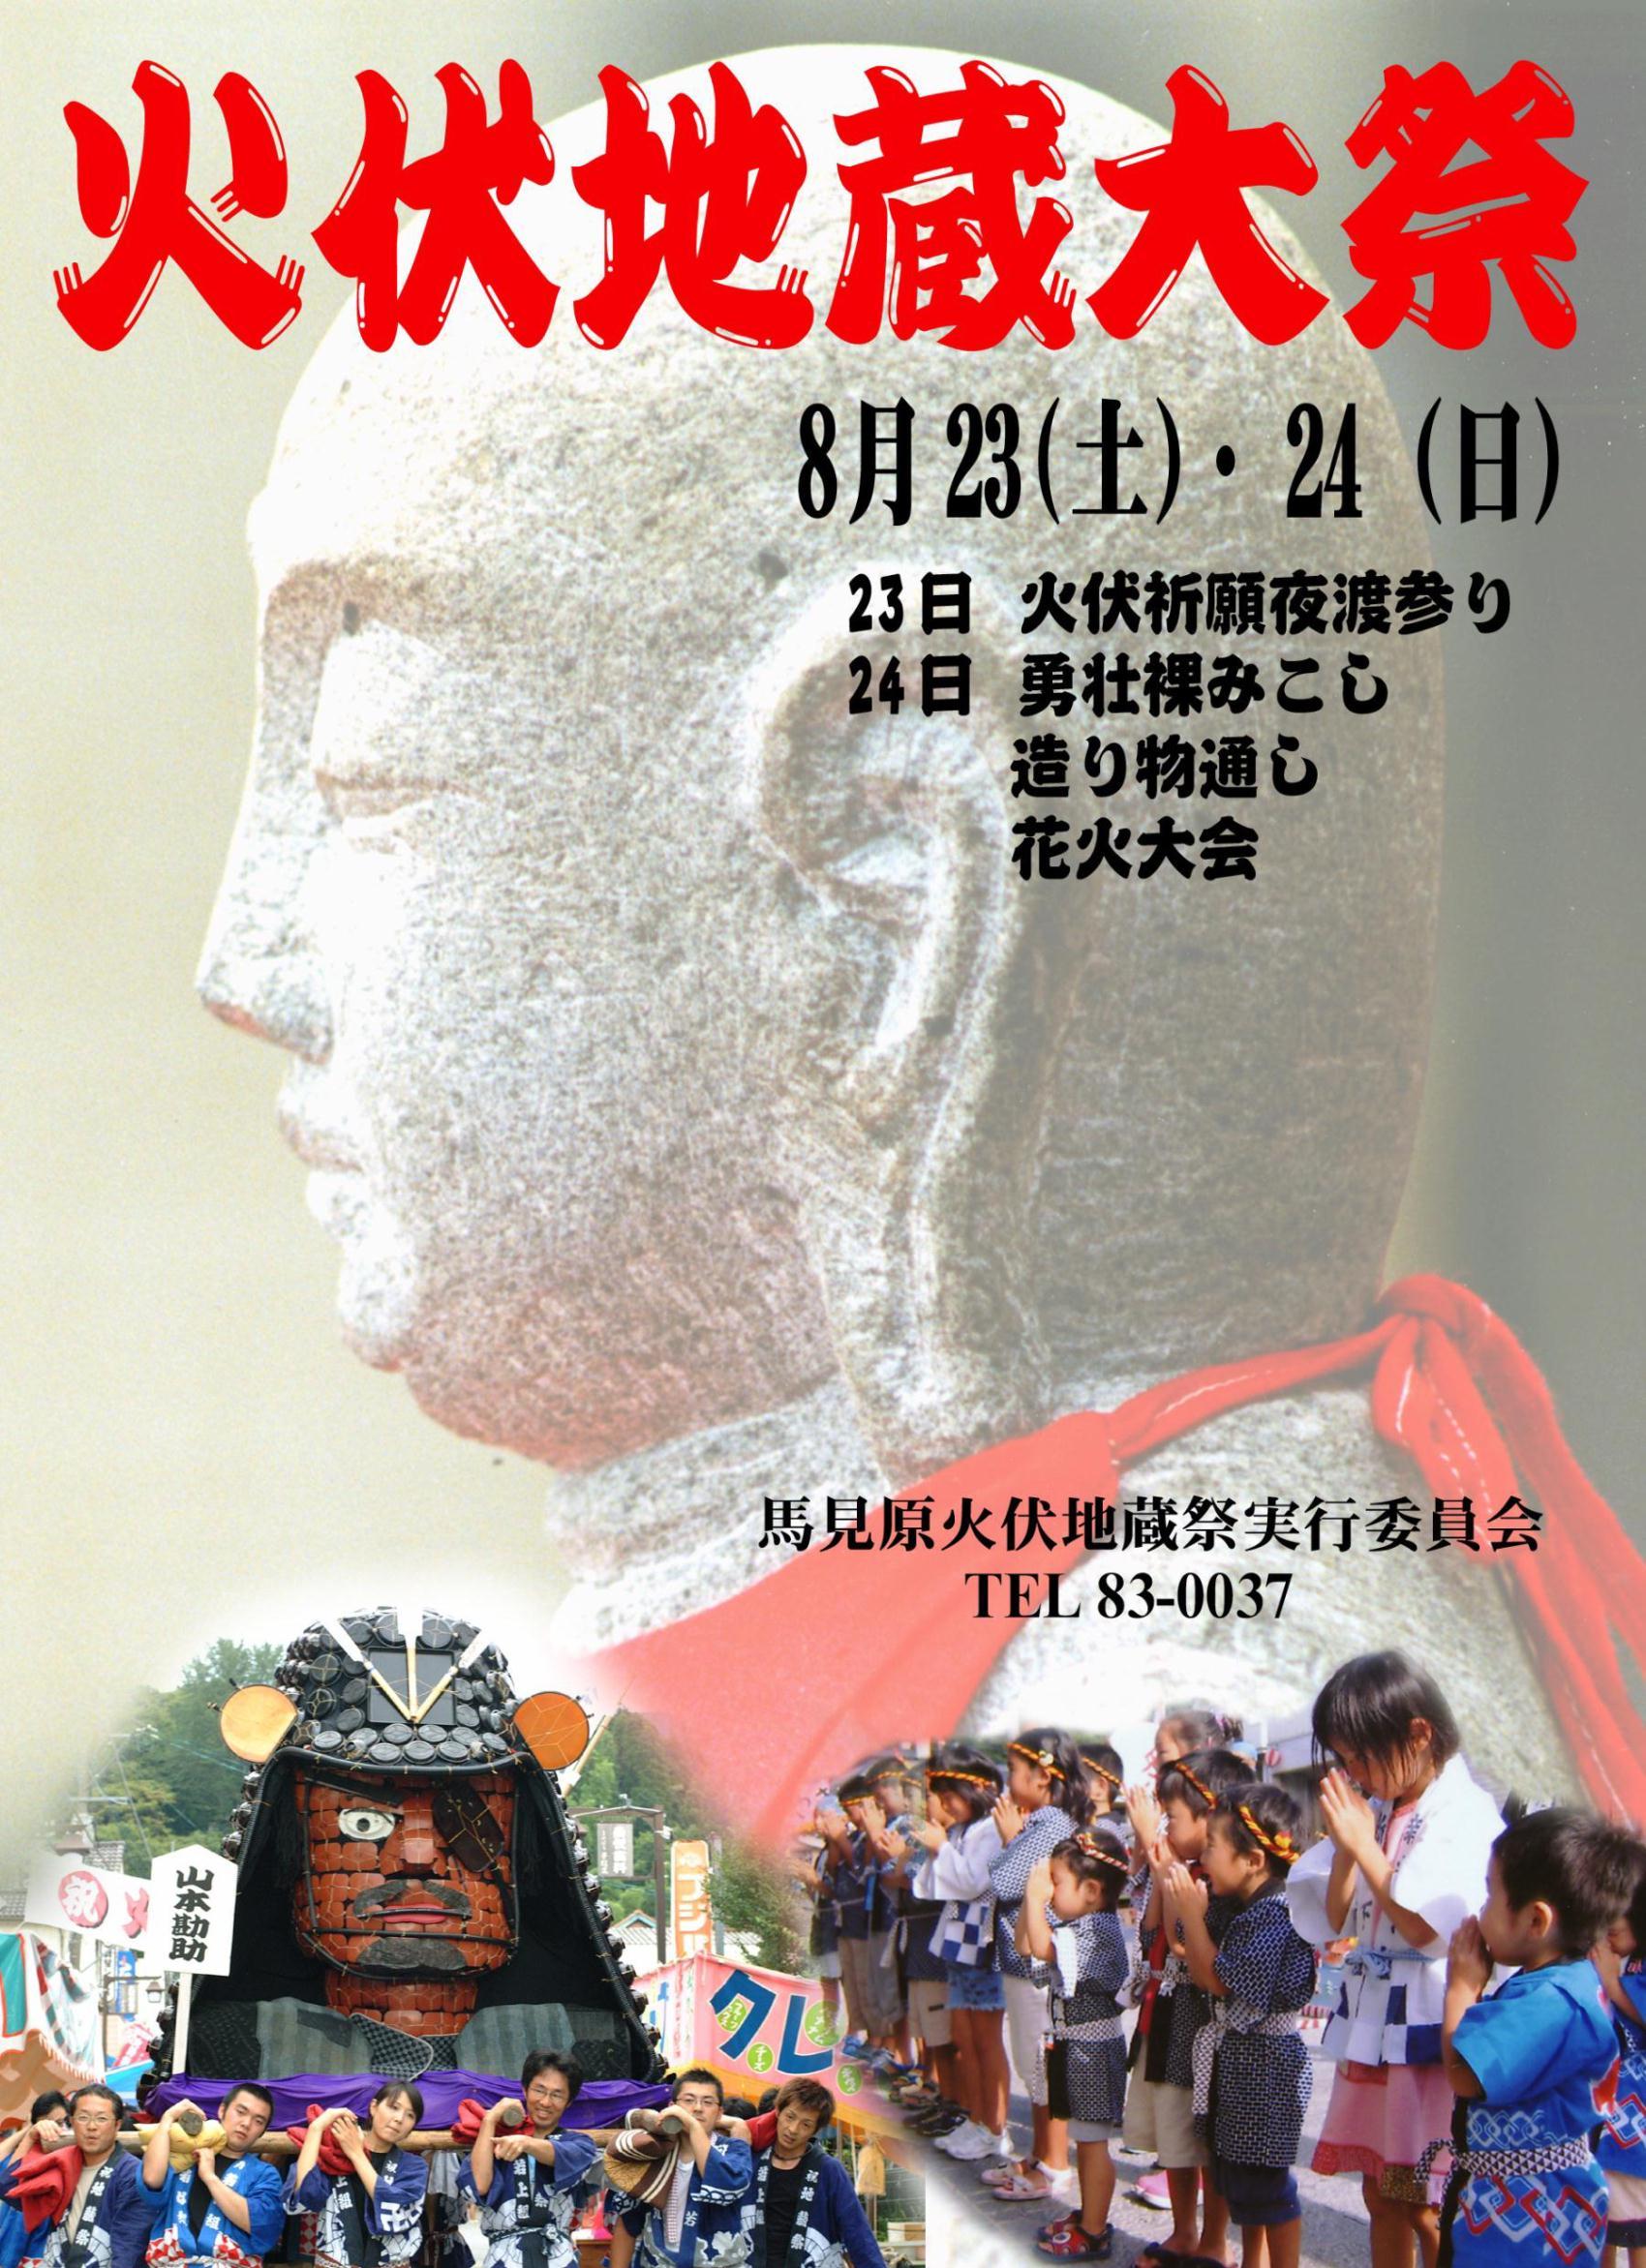 2008火伏地蔵祭ポスター兼チラシ